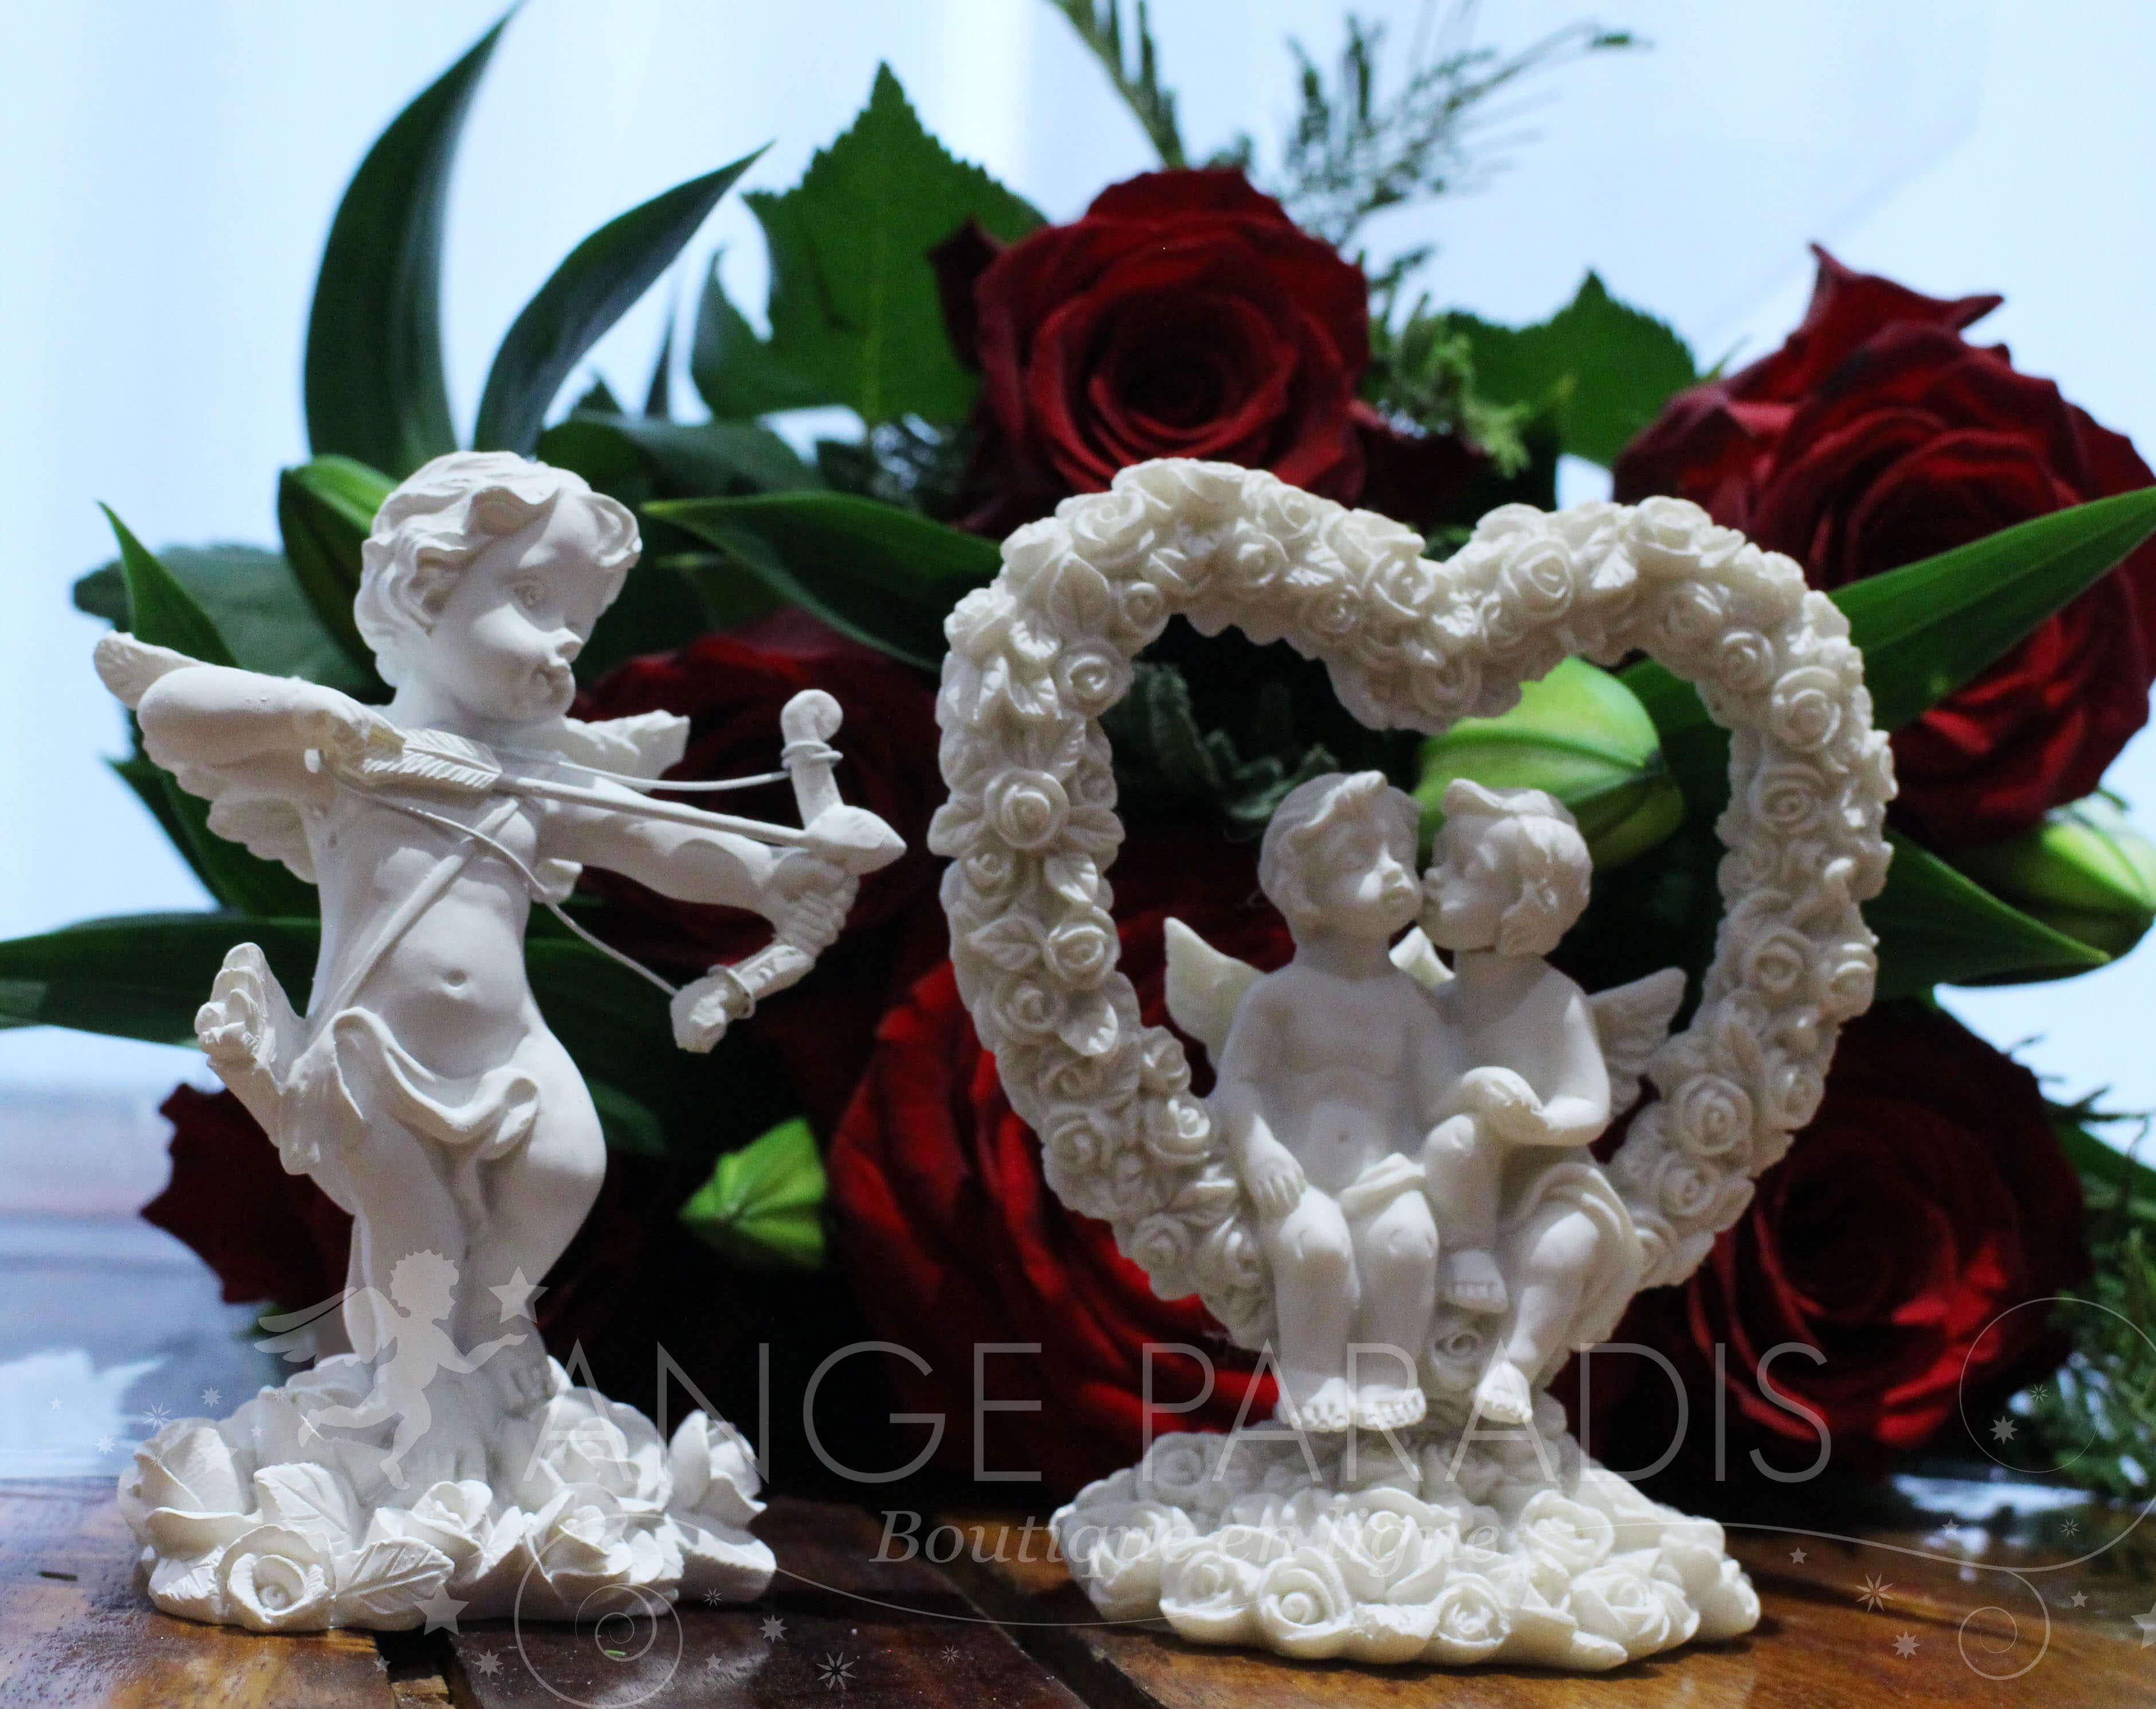 Un Mariage sous le signe des anges avec notre boutique.